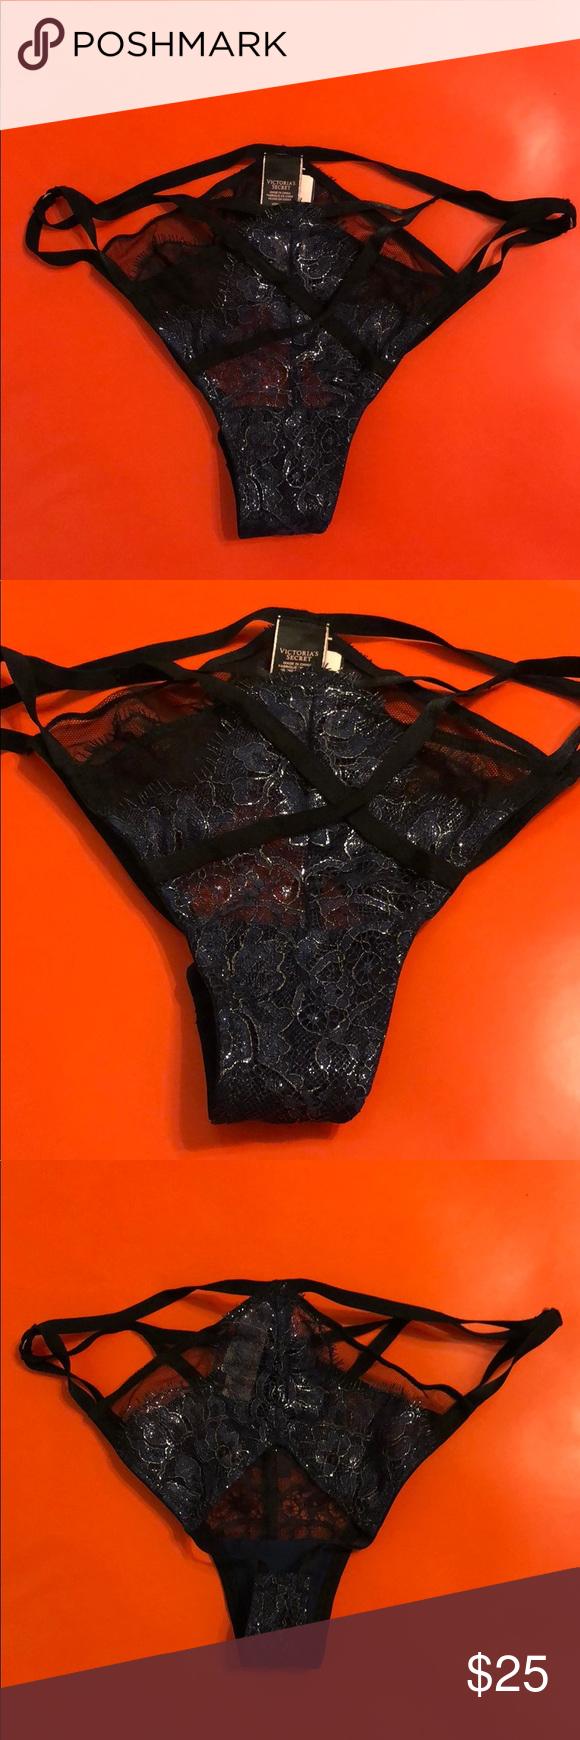 fbb094015b4 Victoria s Secret Lace Open Back Panties Size S Victoria s Secret Lace Open  Back Panties Size S Victoria s Secret Intimates   Sleepwear Panties